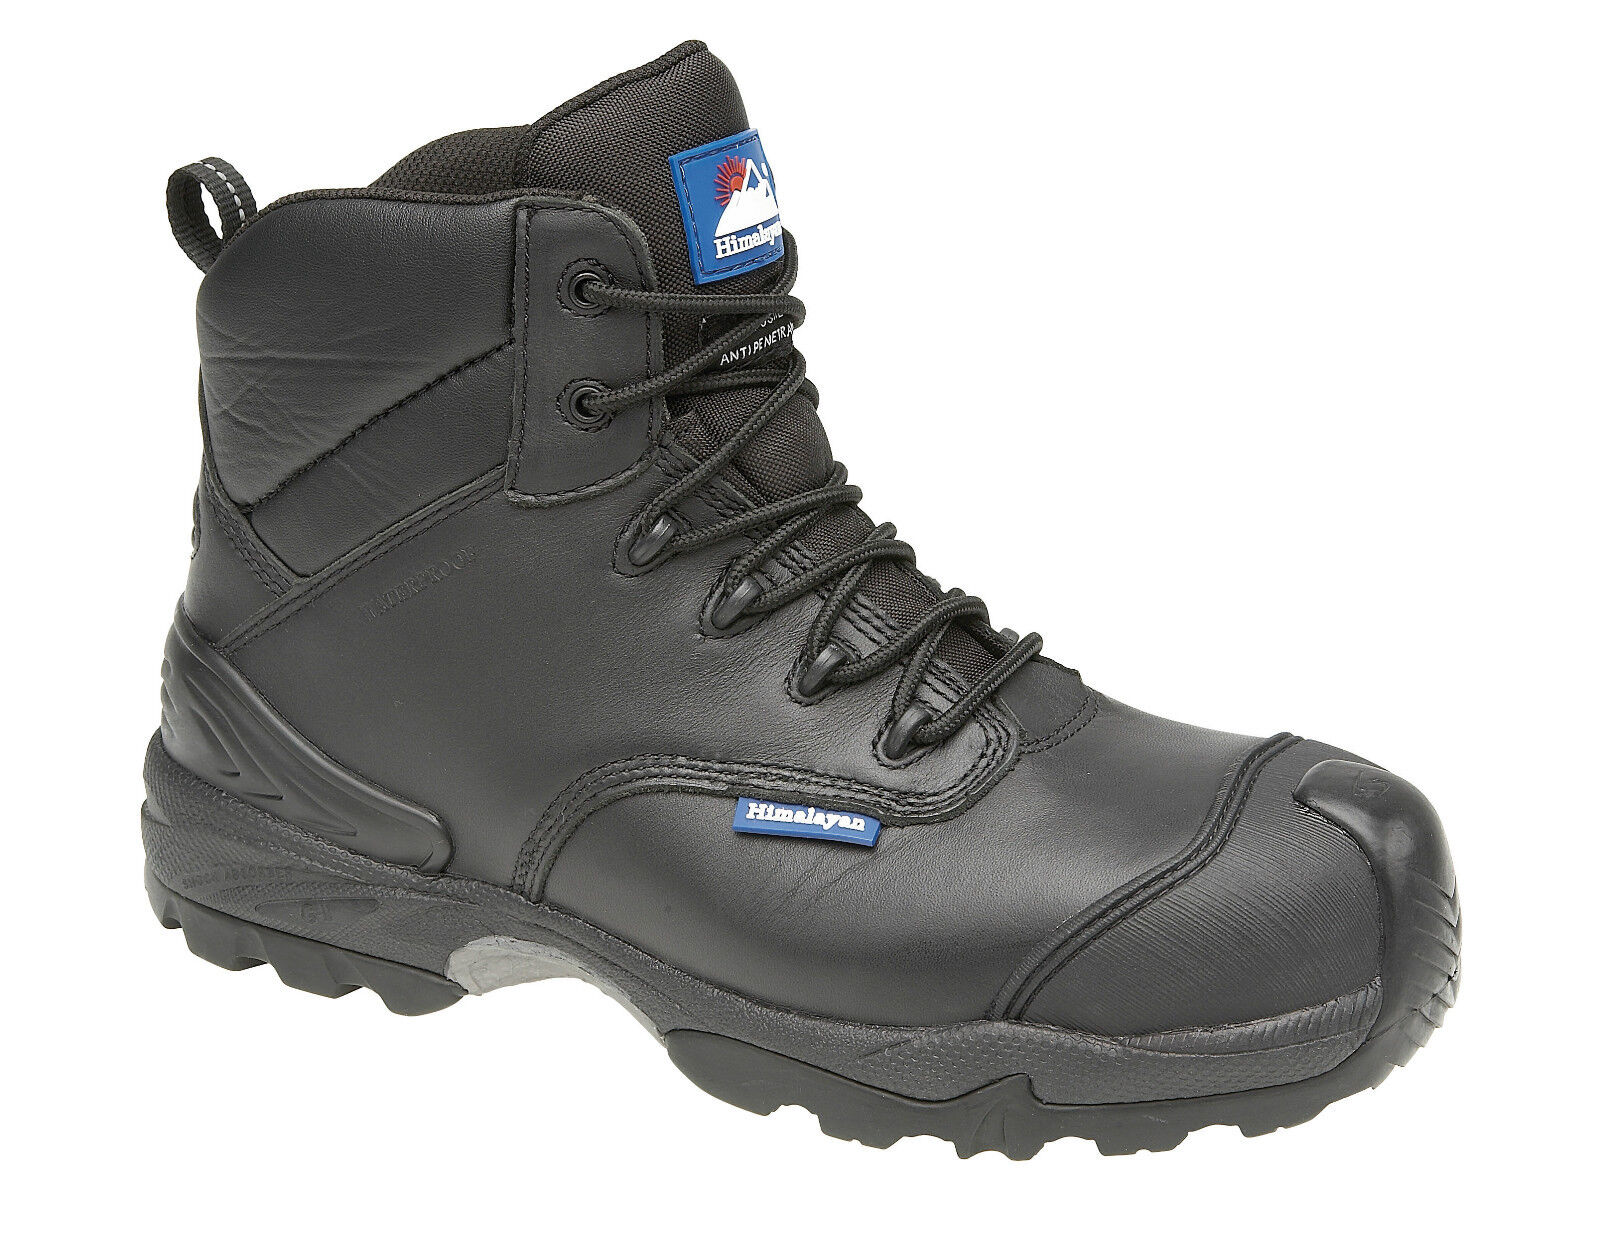 Himalayan 4110 s3 SRC NERO COMPOSITO Punta in Metallo Metallo Metallo Libero Impermeabile Stivali di sicurezza ac6a20